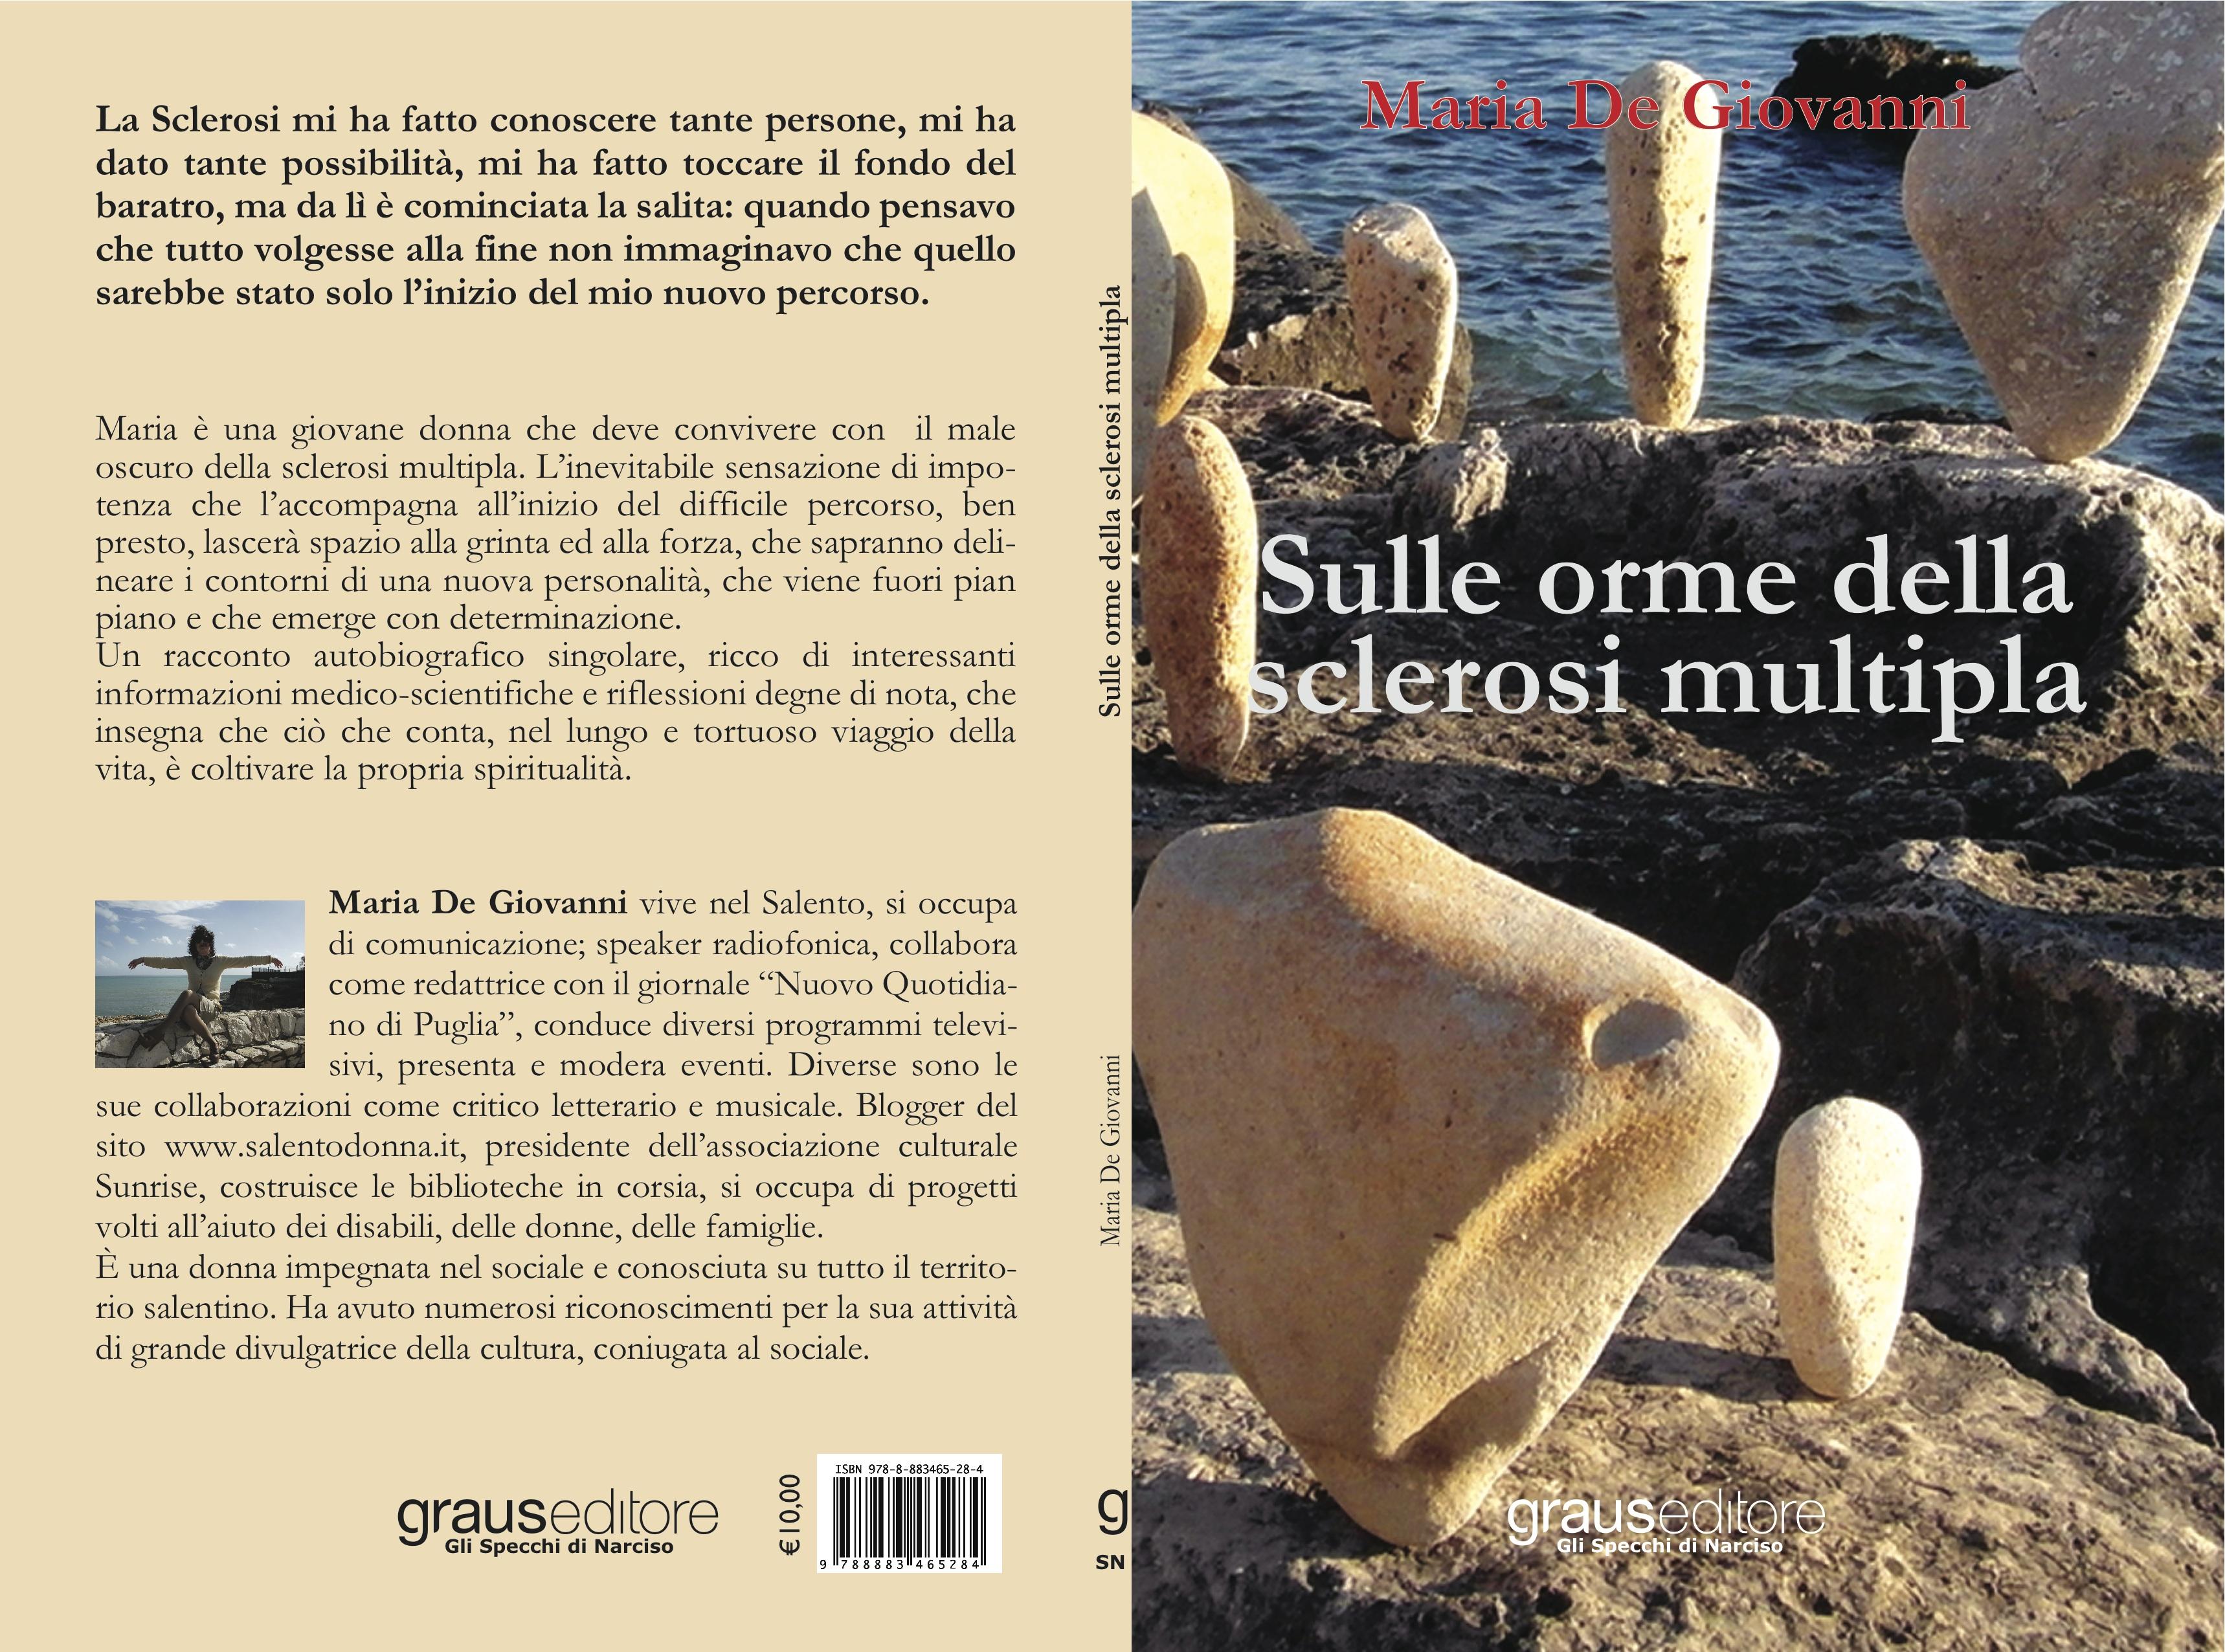 Maria De Giovanni autrice, recita una poesia: io e la mia sclerosi multipla